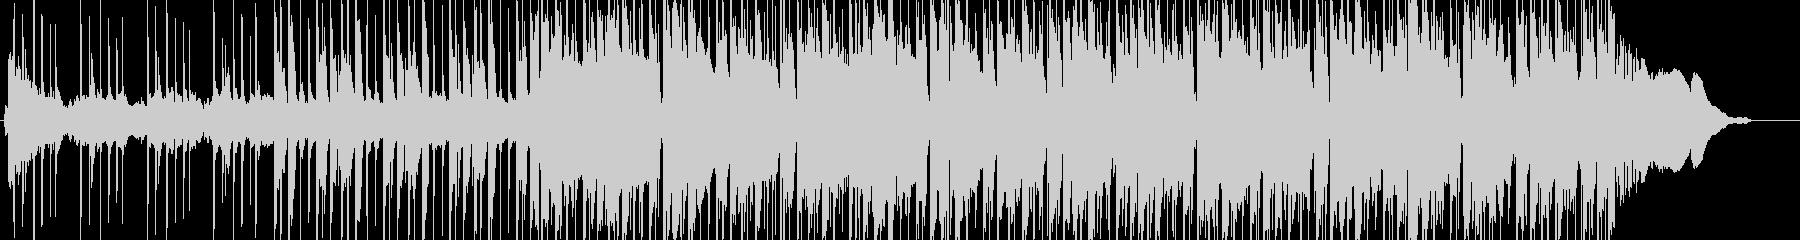 ◎エレピパーカスシンセのチルいビート曲の未再生の波形